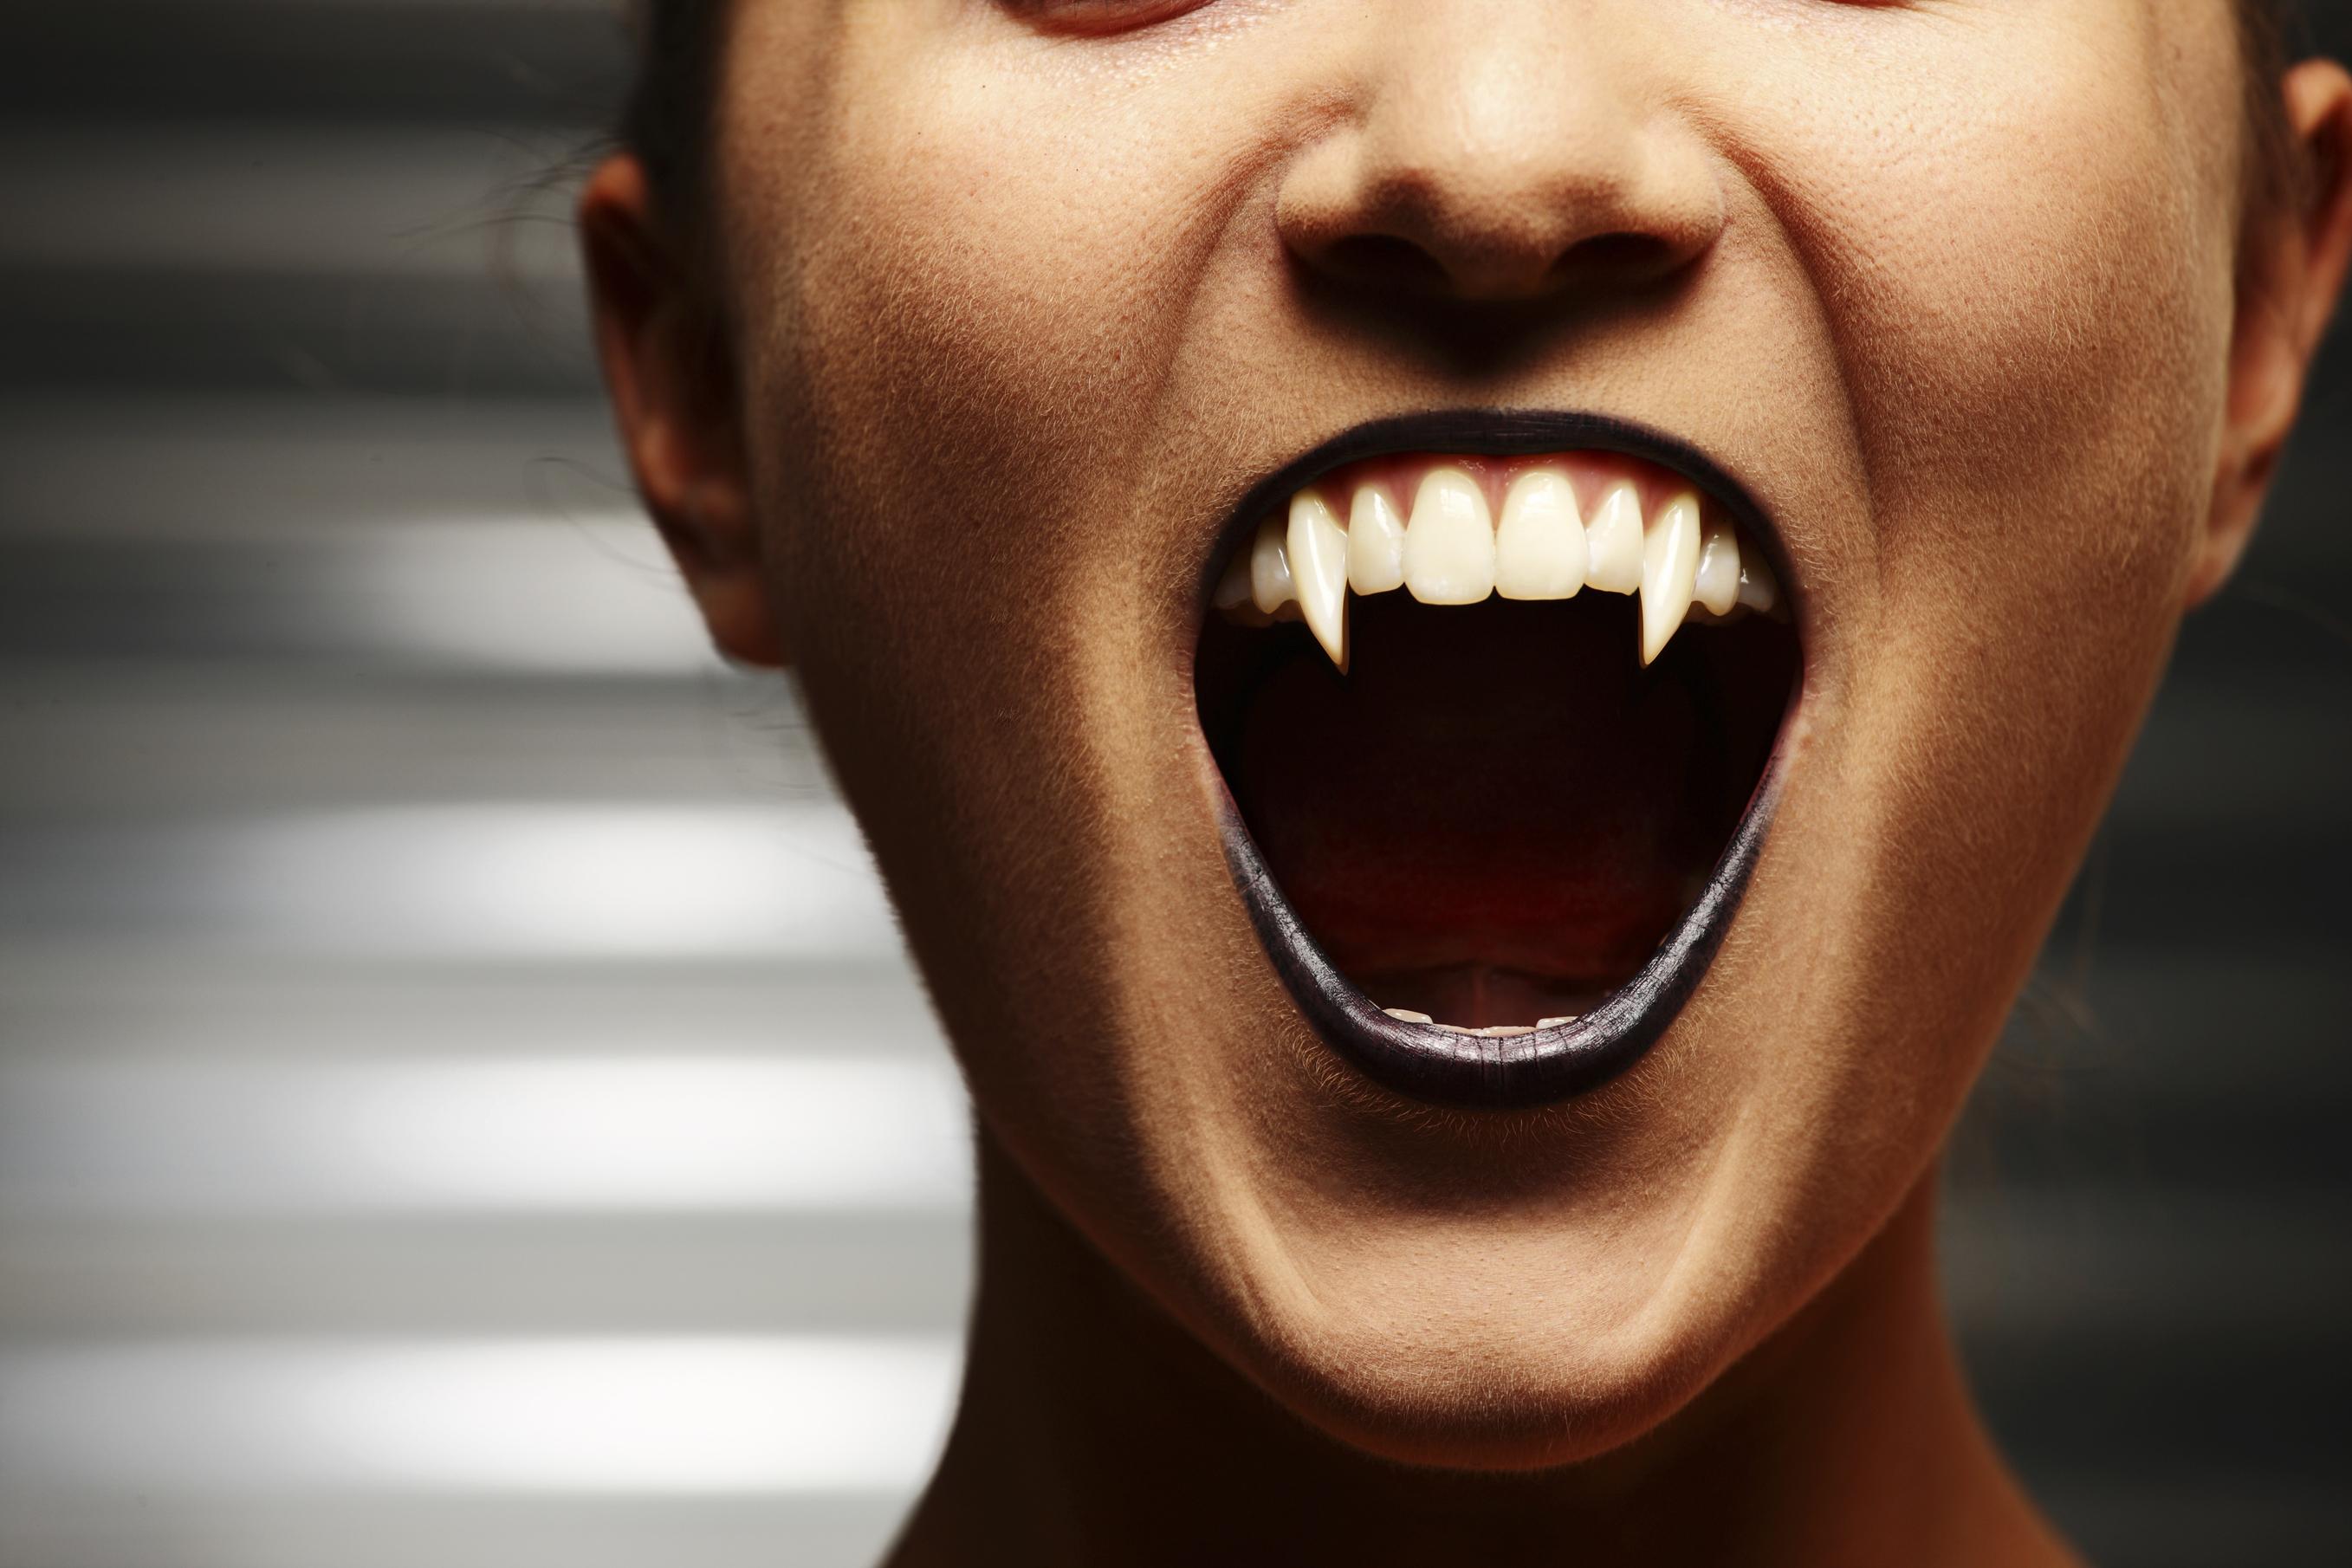 Anleitung Vampirzähne Ganz Einfach Selbst Machen Desiredde